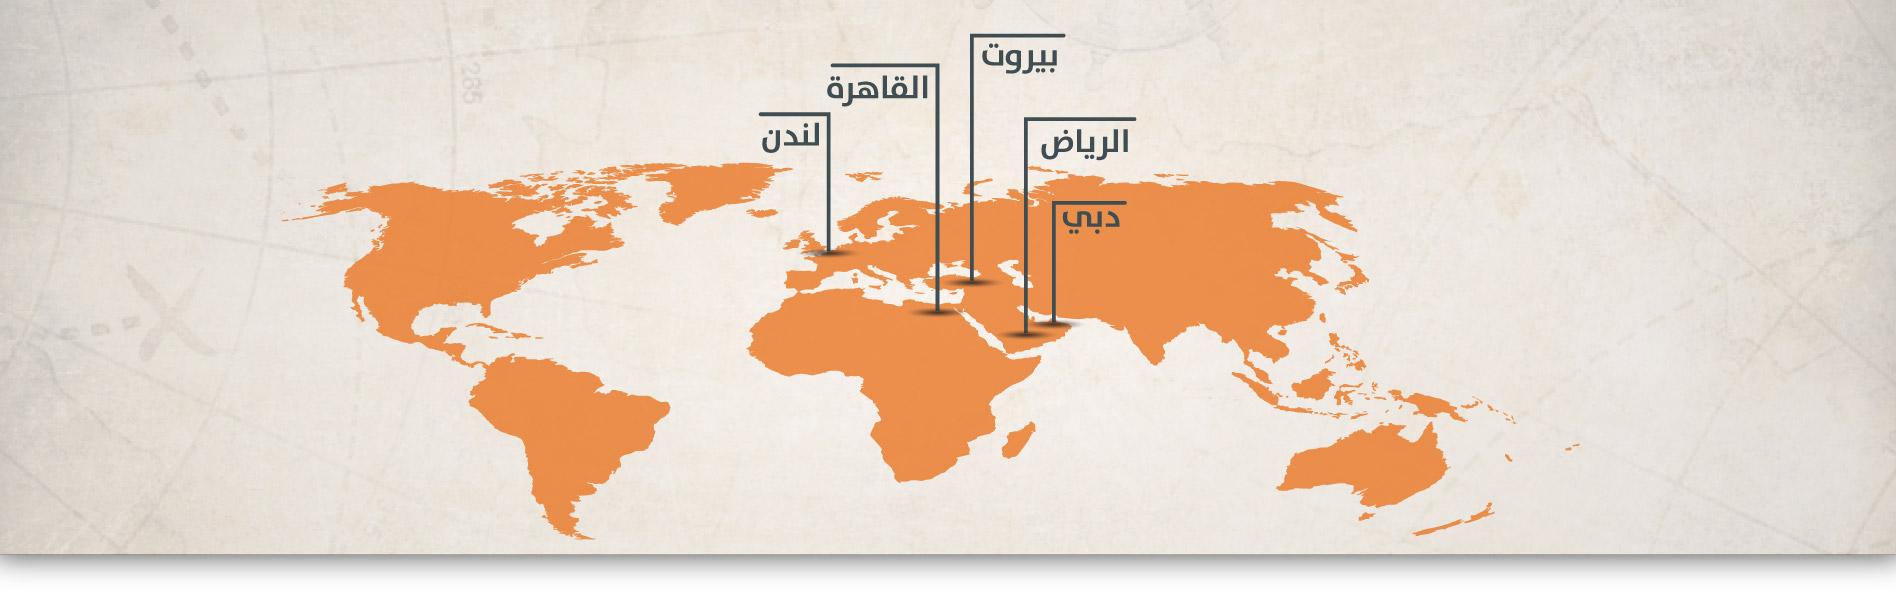 تواصل معنا | مجموعة اكزيكون الدولية